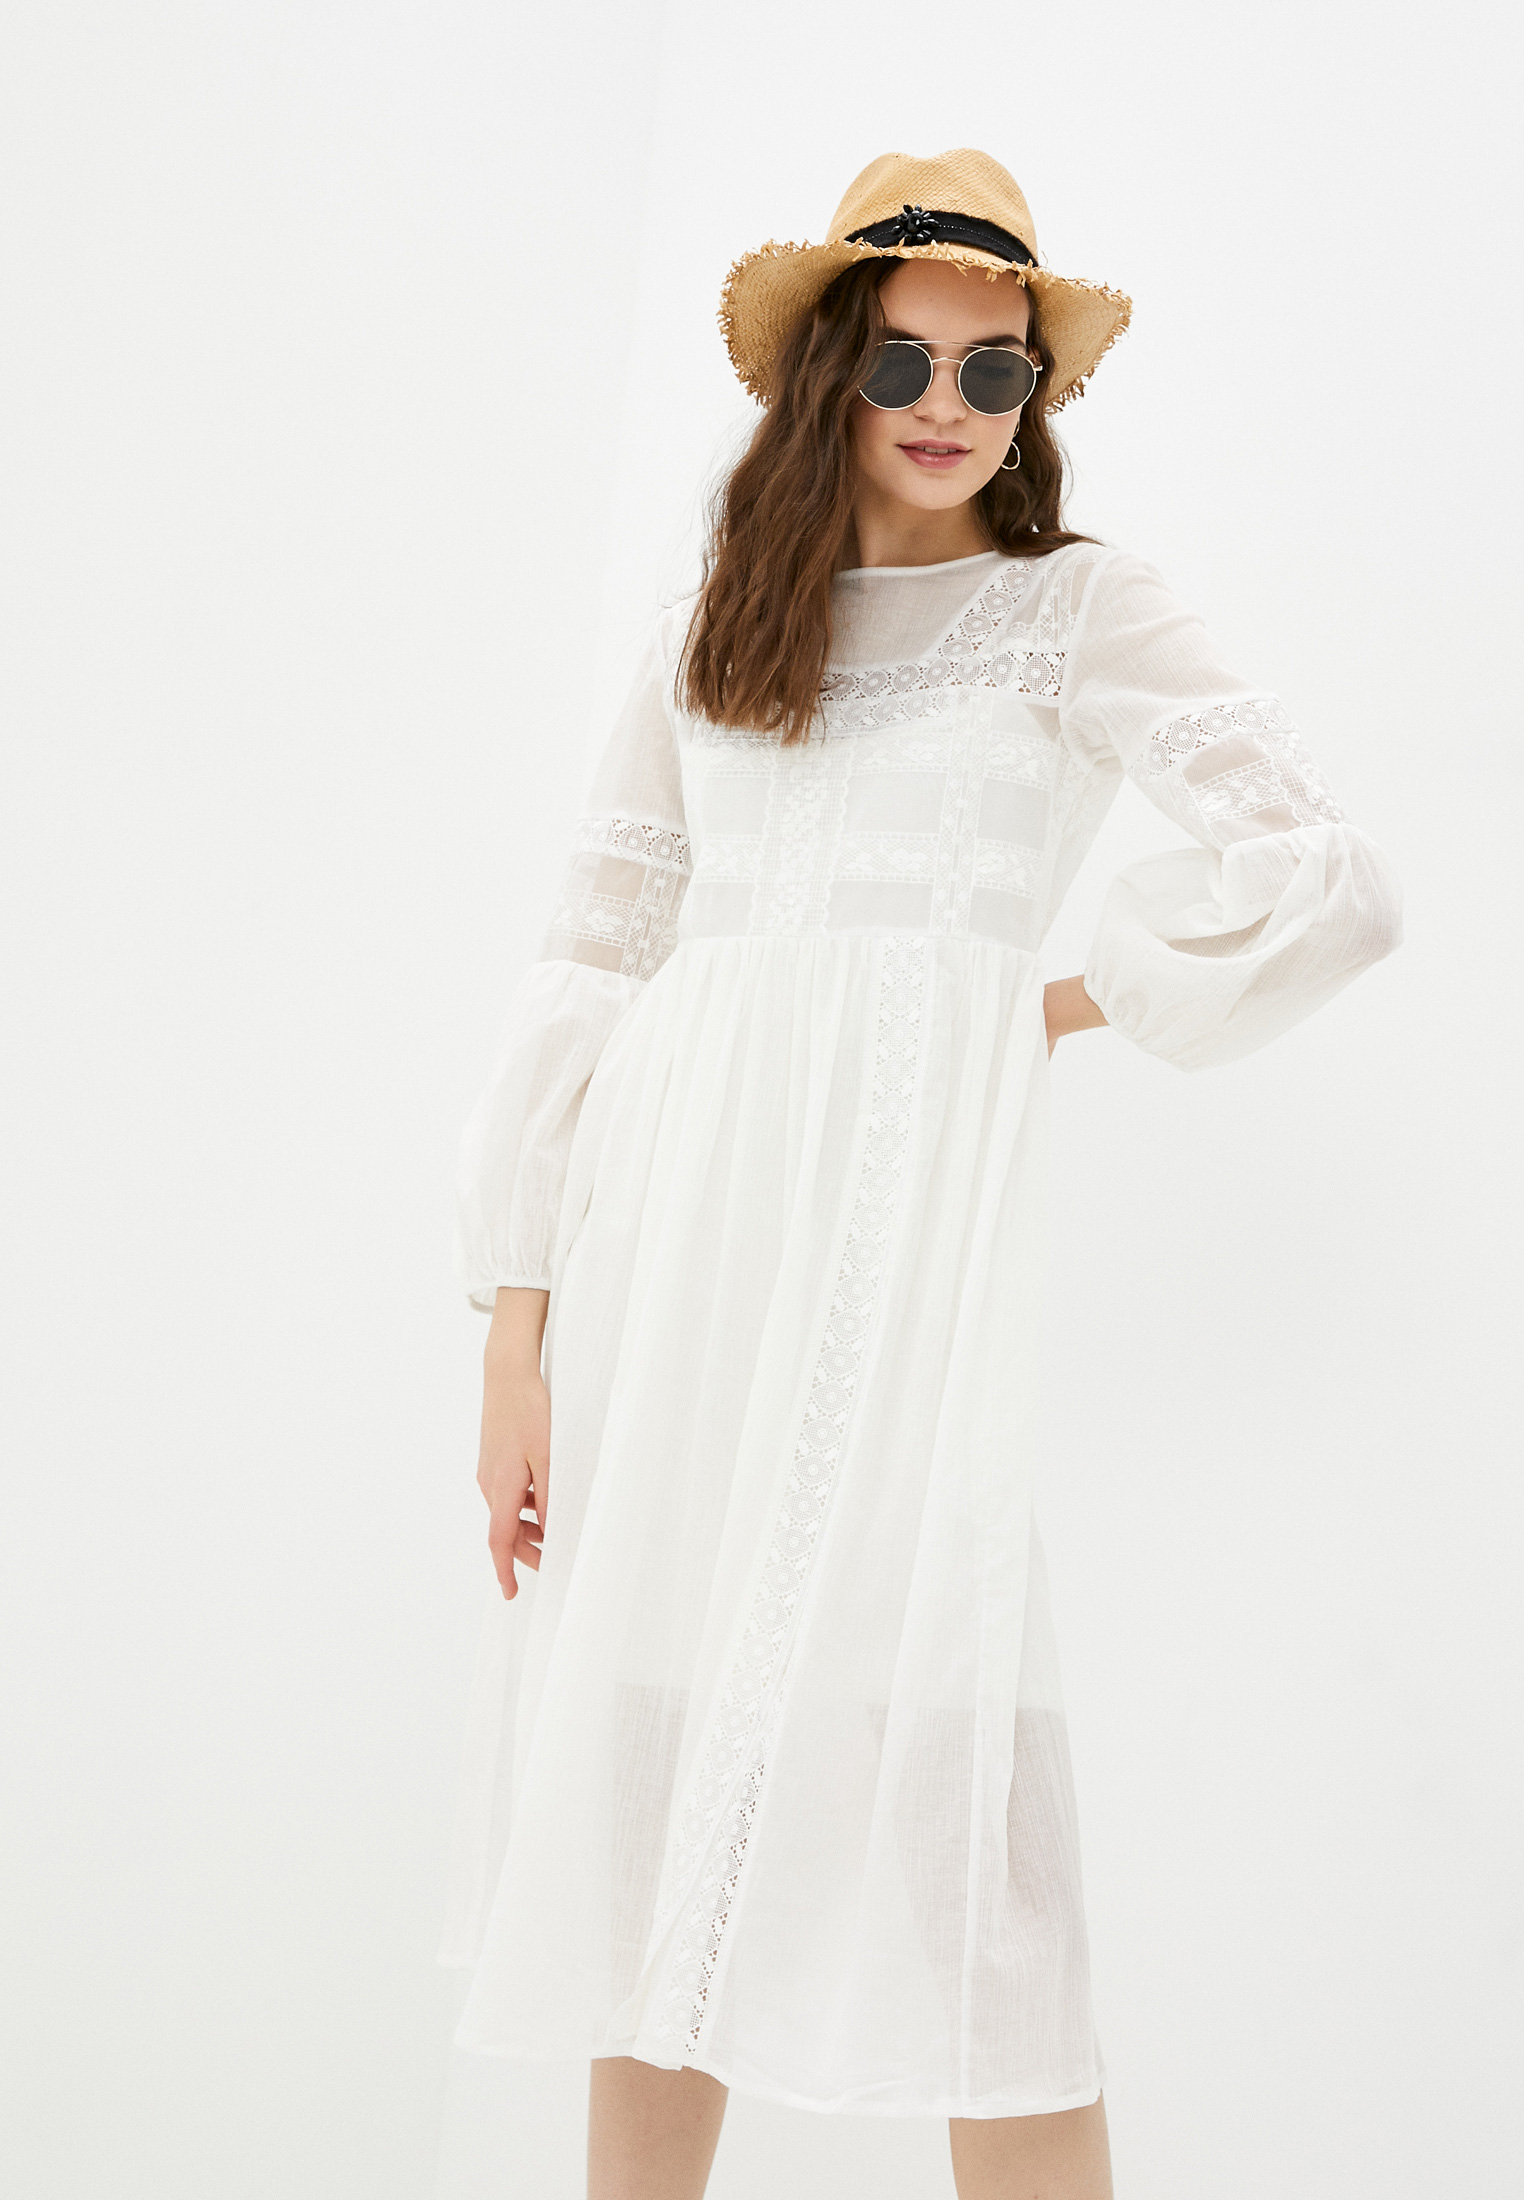 Повседневное платье Nataliy Beate Платье мод.515: изображение 1